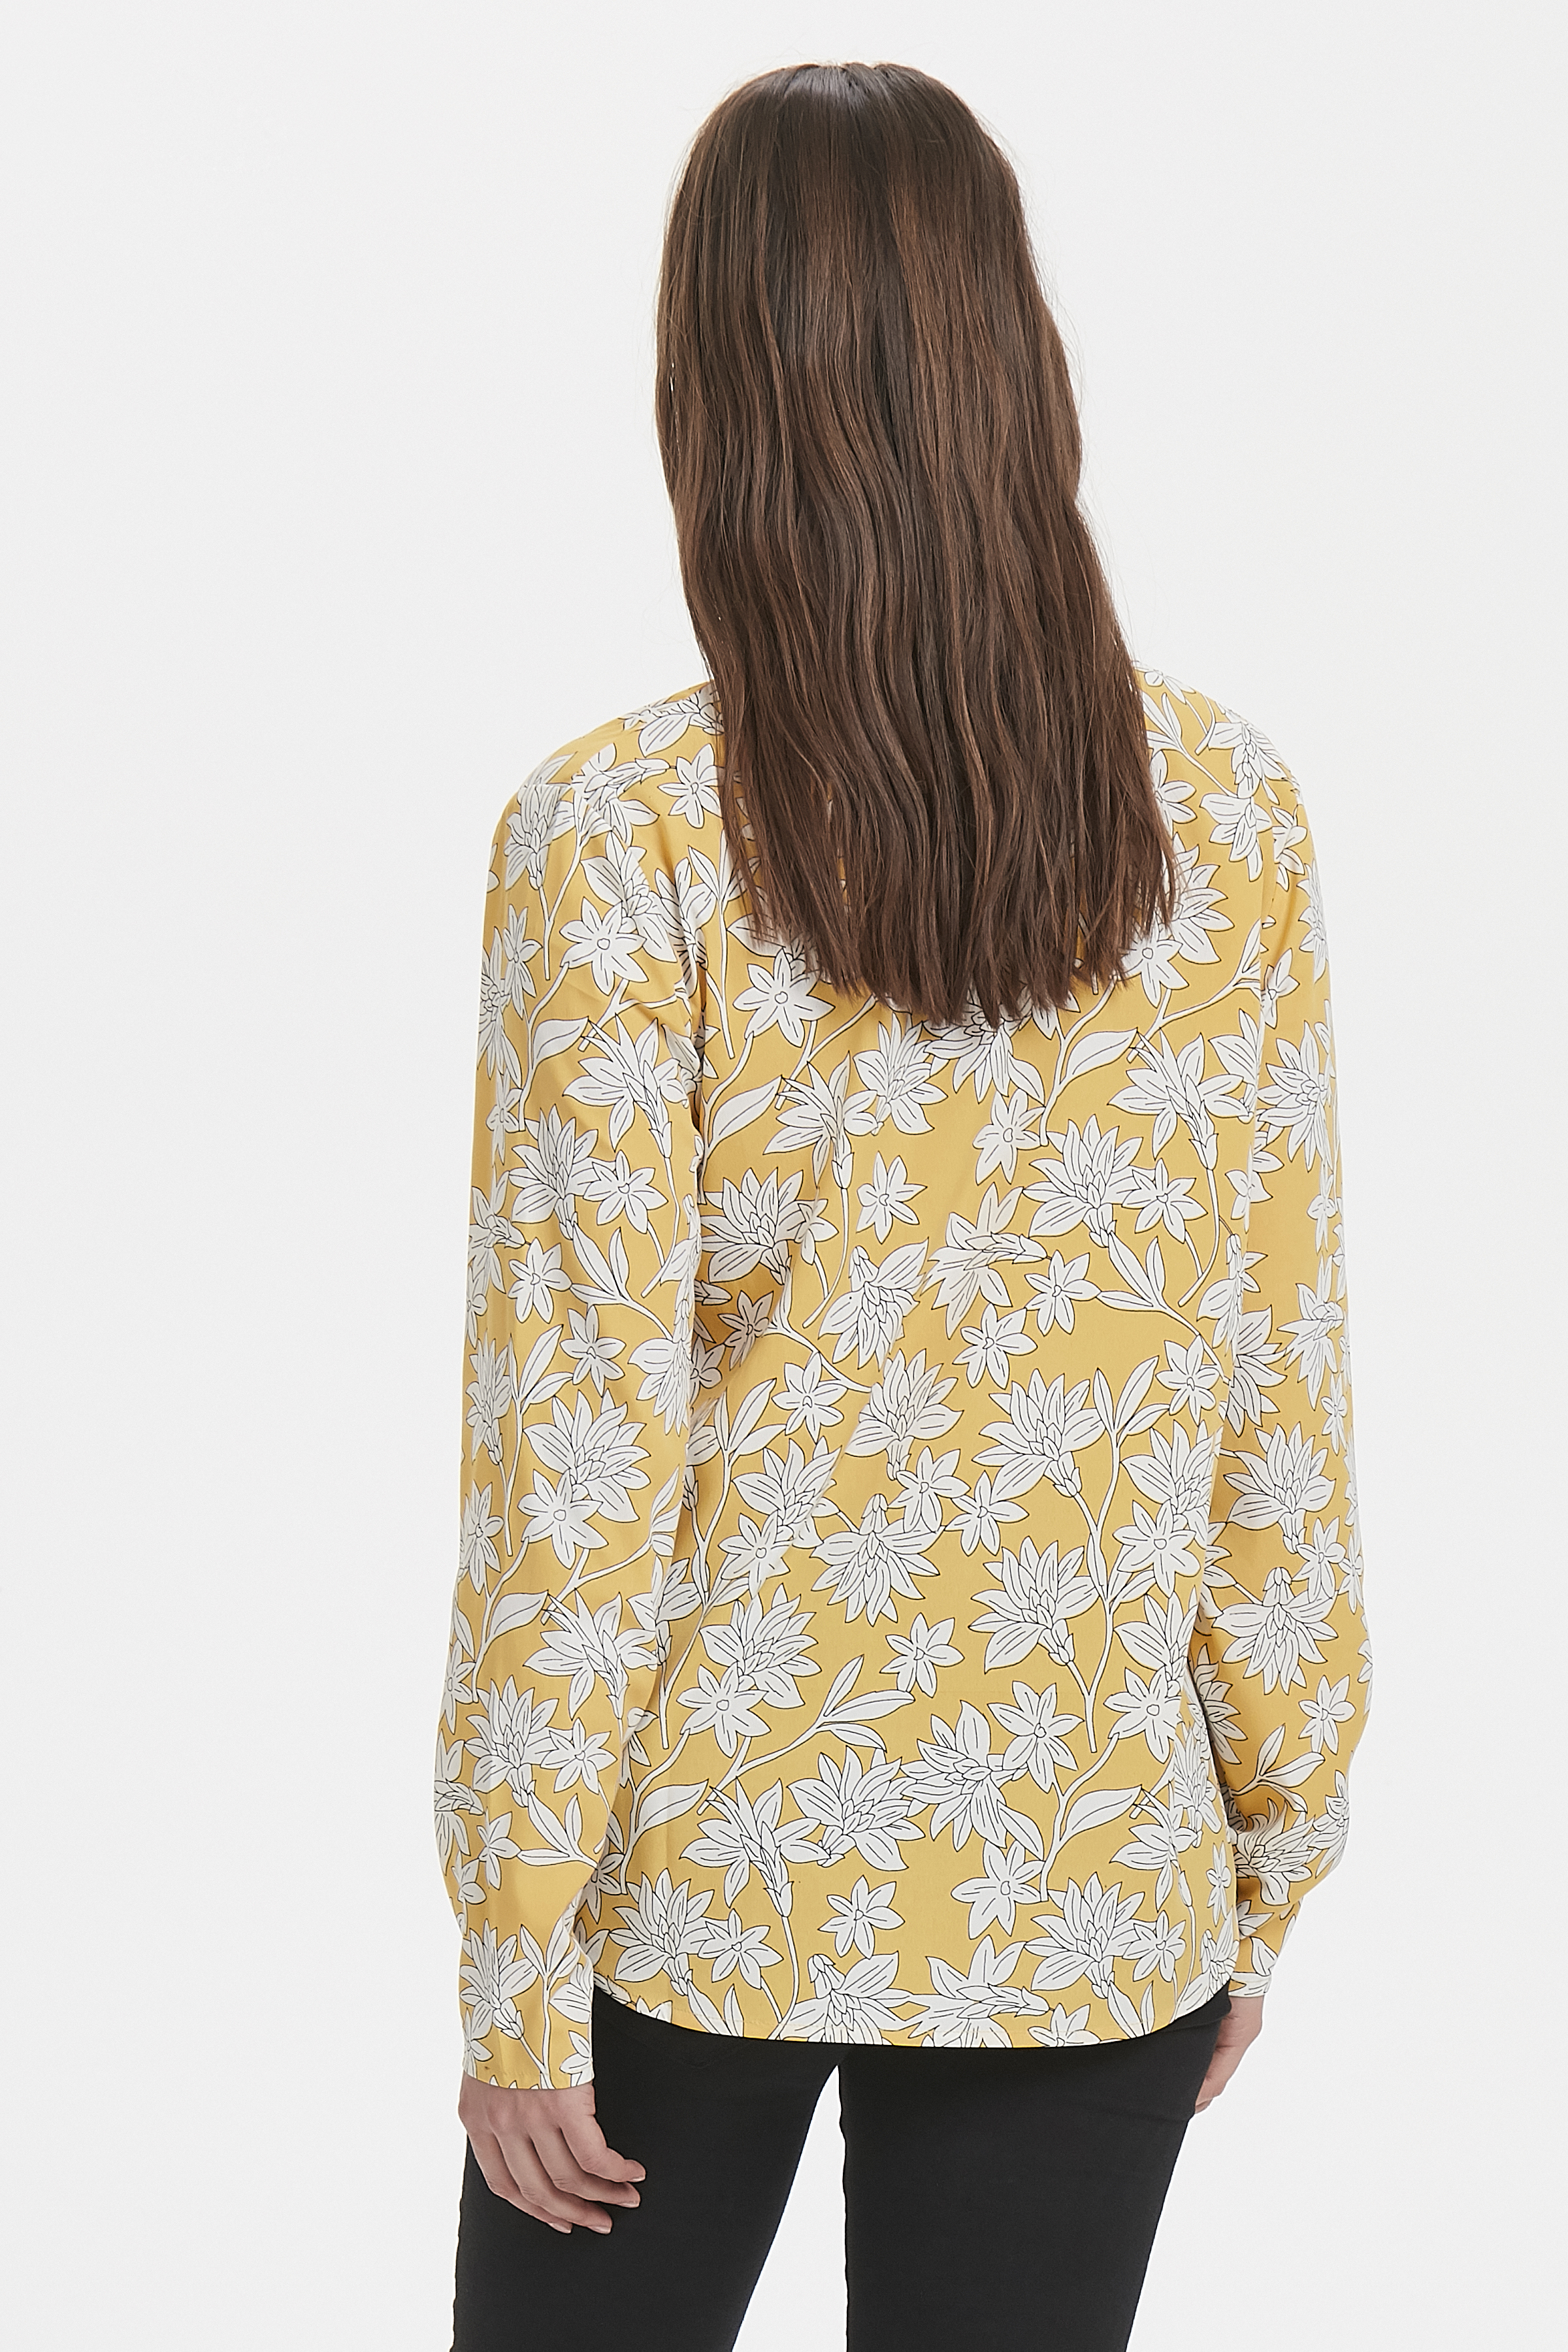 Old Gold Langærmet skjorte – Køb Old Gold Langærmet skjorte fra str. XS-XL her